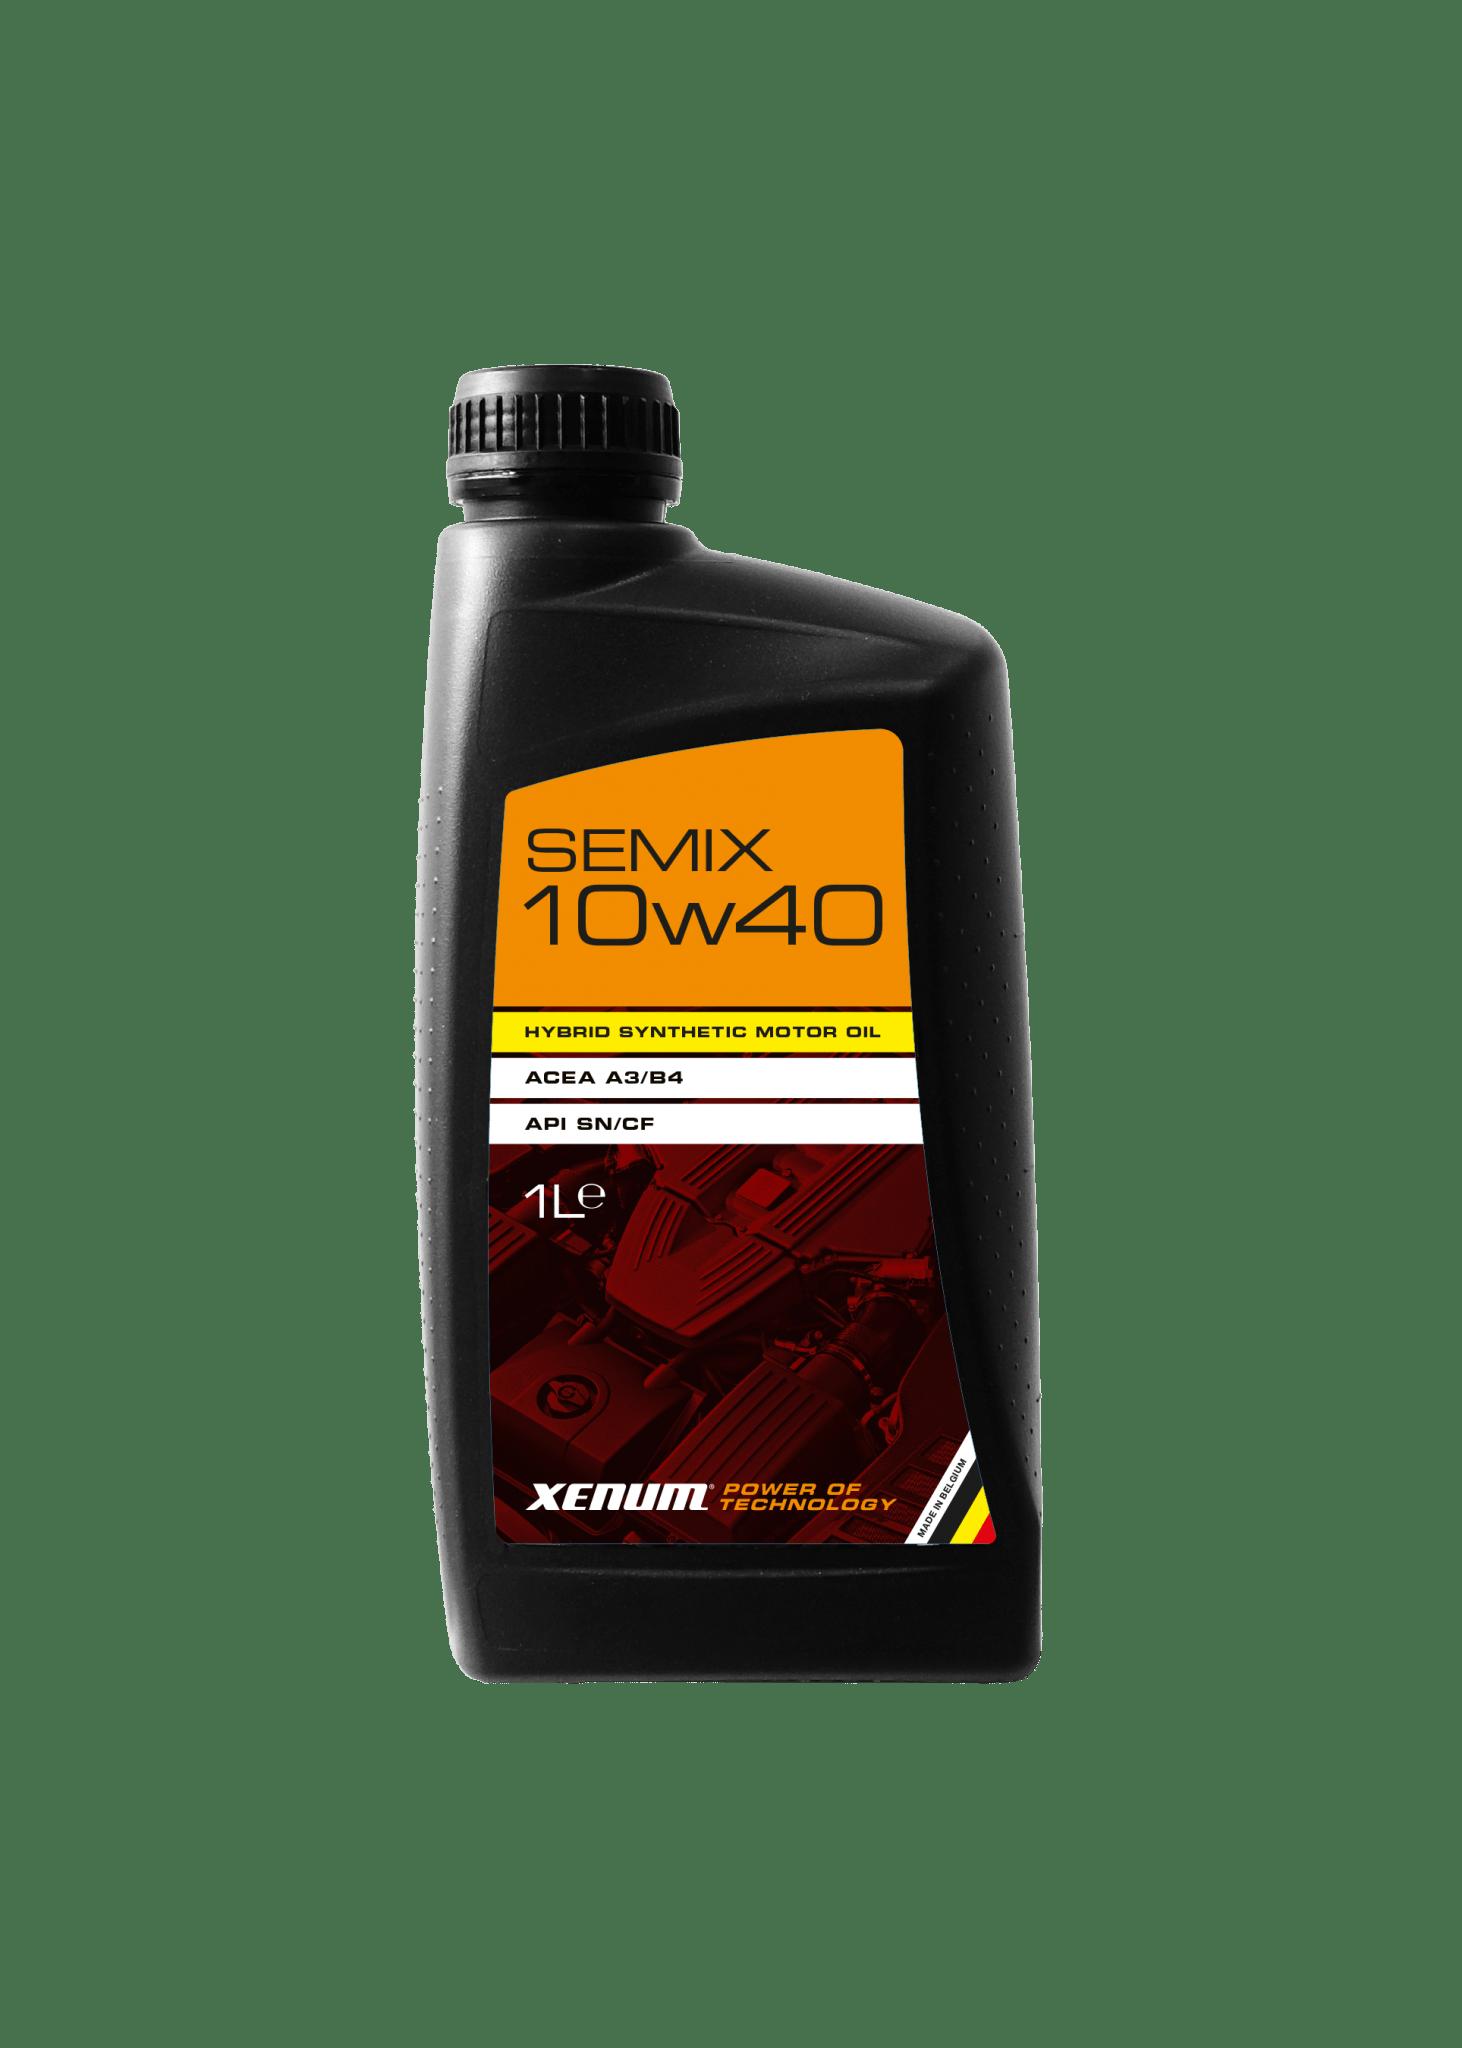 Гібридна синтетична моторна олива XENUM SEMIX 10W40